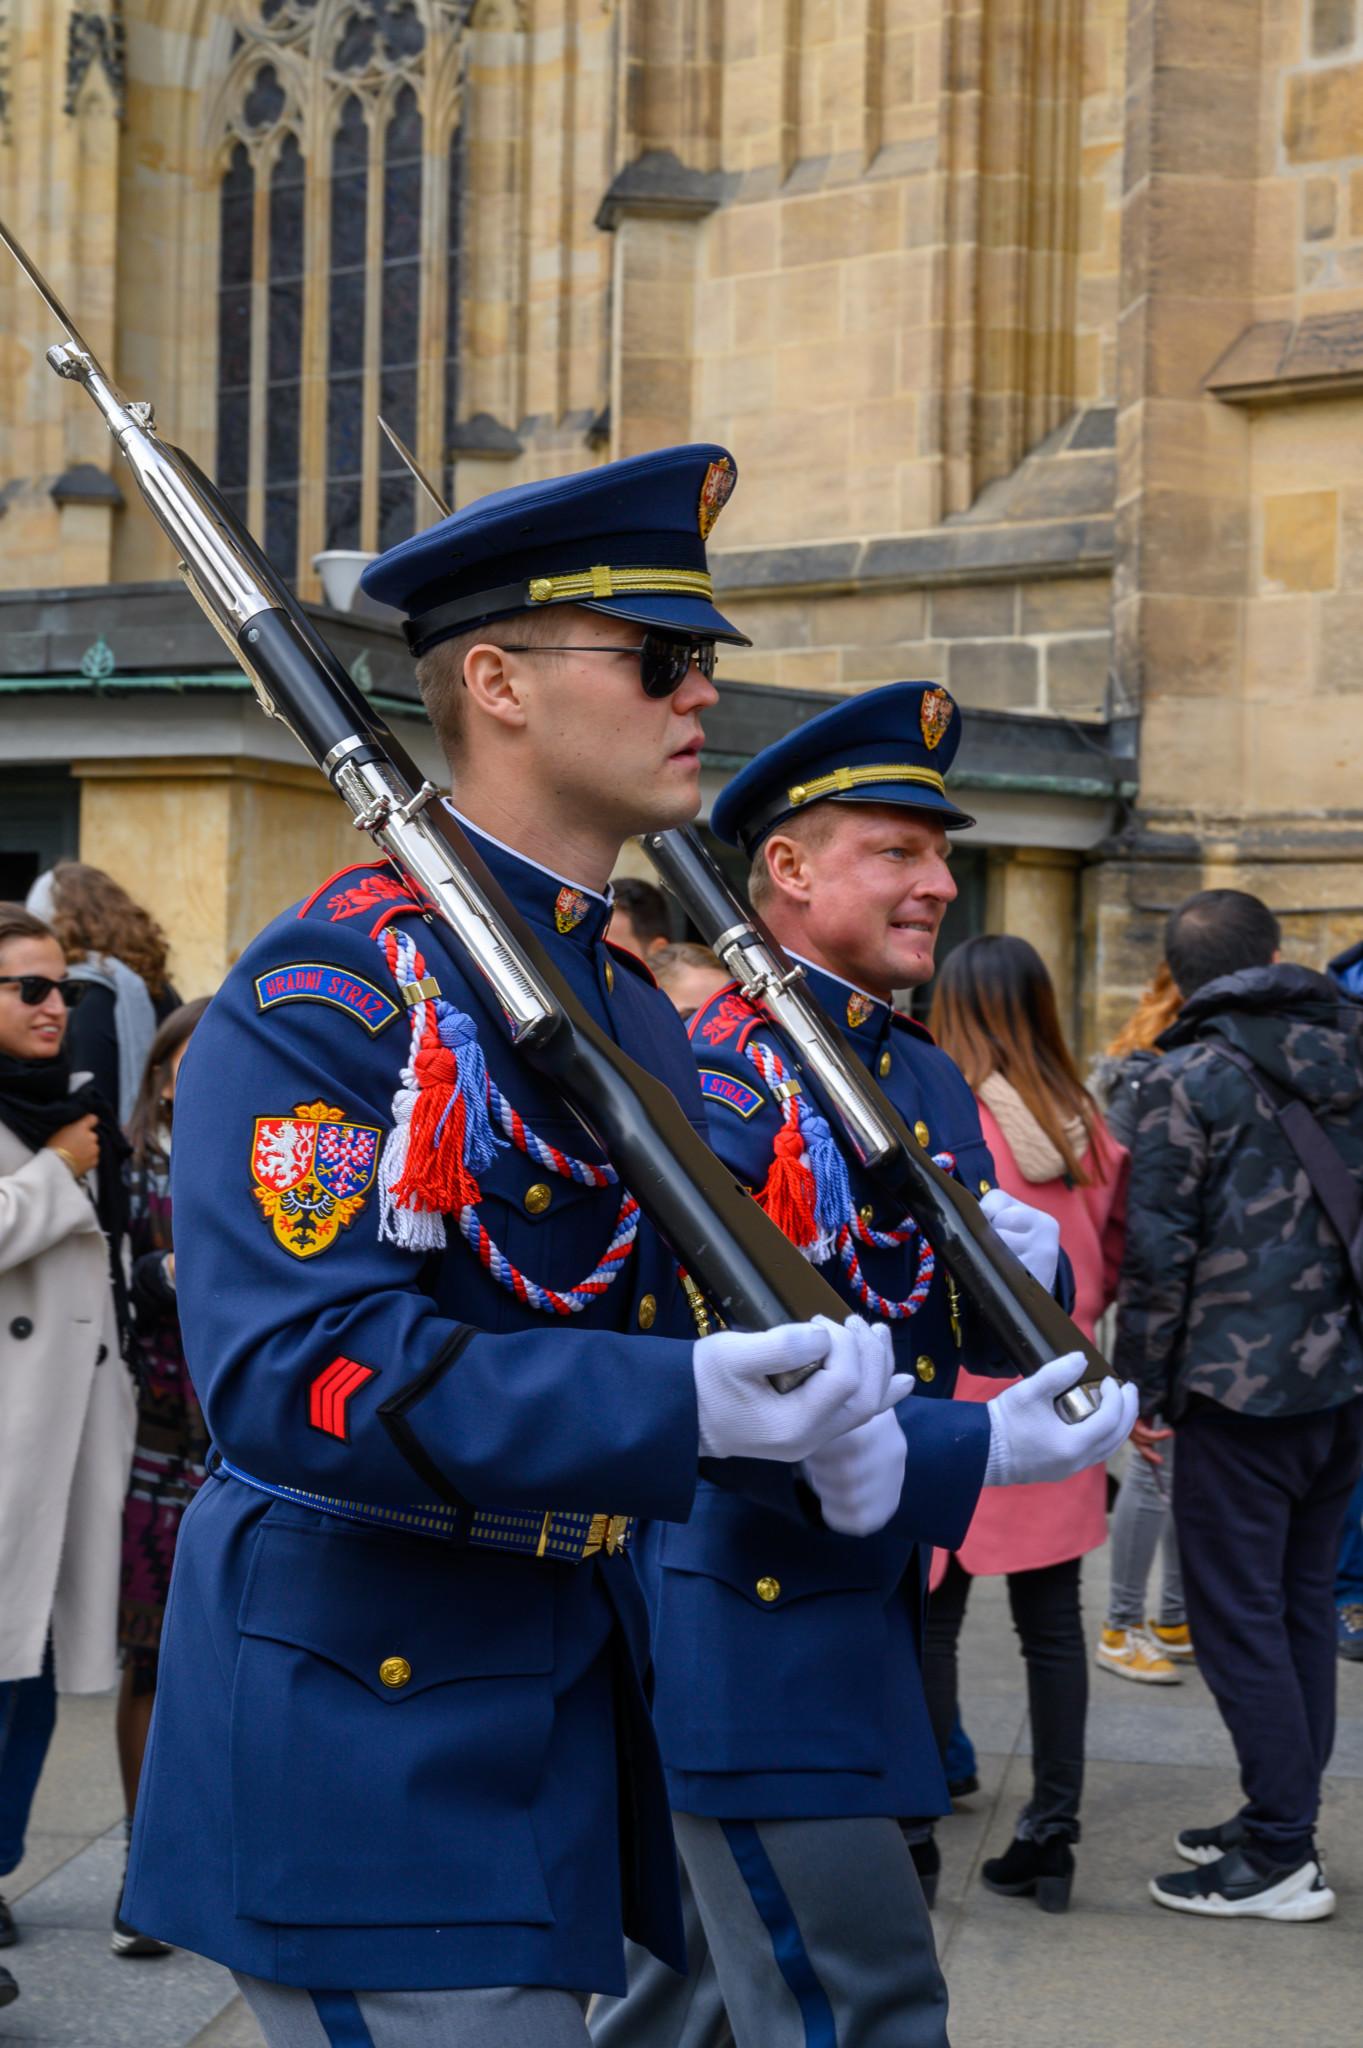 Wachtwechsel in der Prager Burg